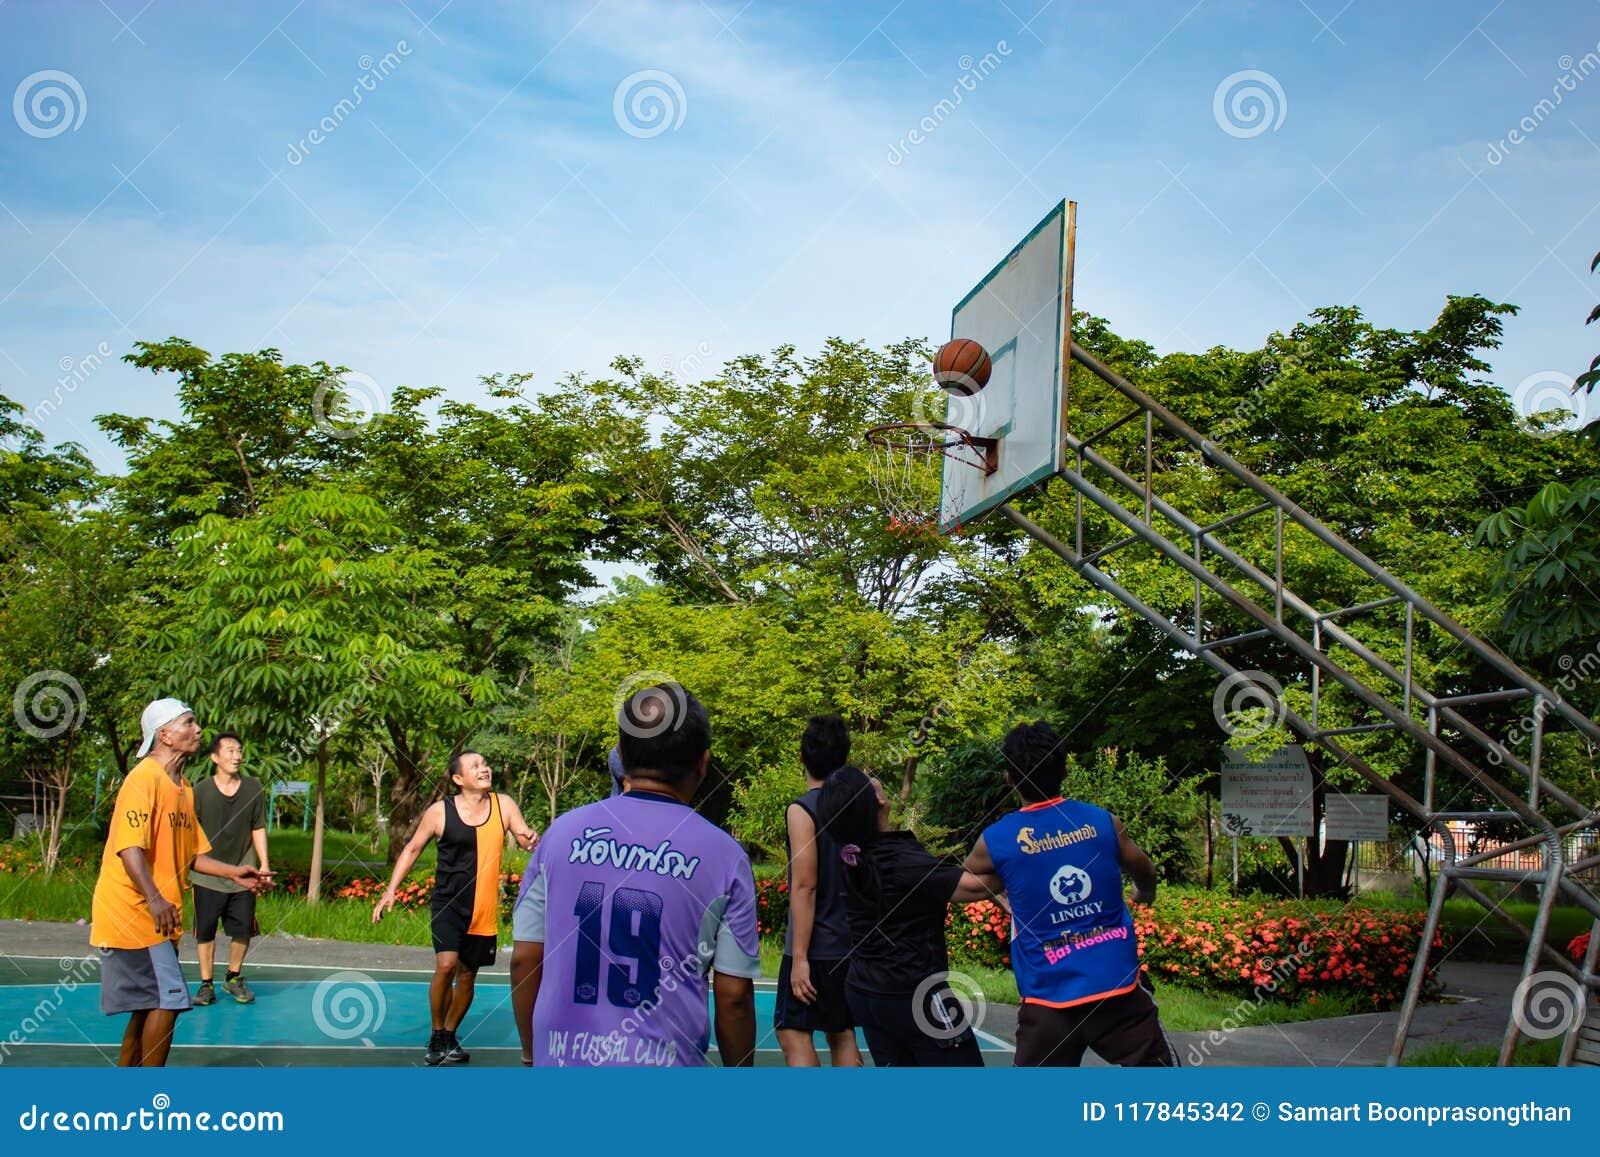 Nonthaburi en Thaïlande, hommes et femmes jouent au basket-ball dans MOR